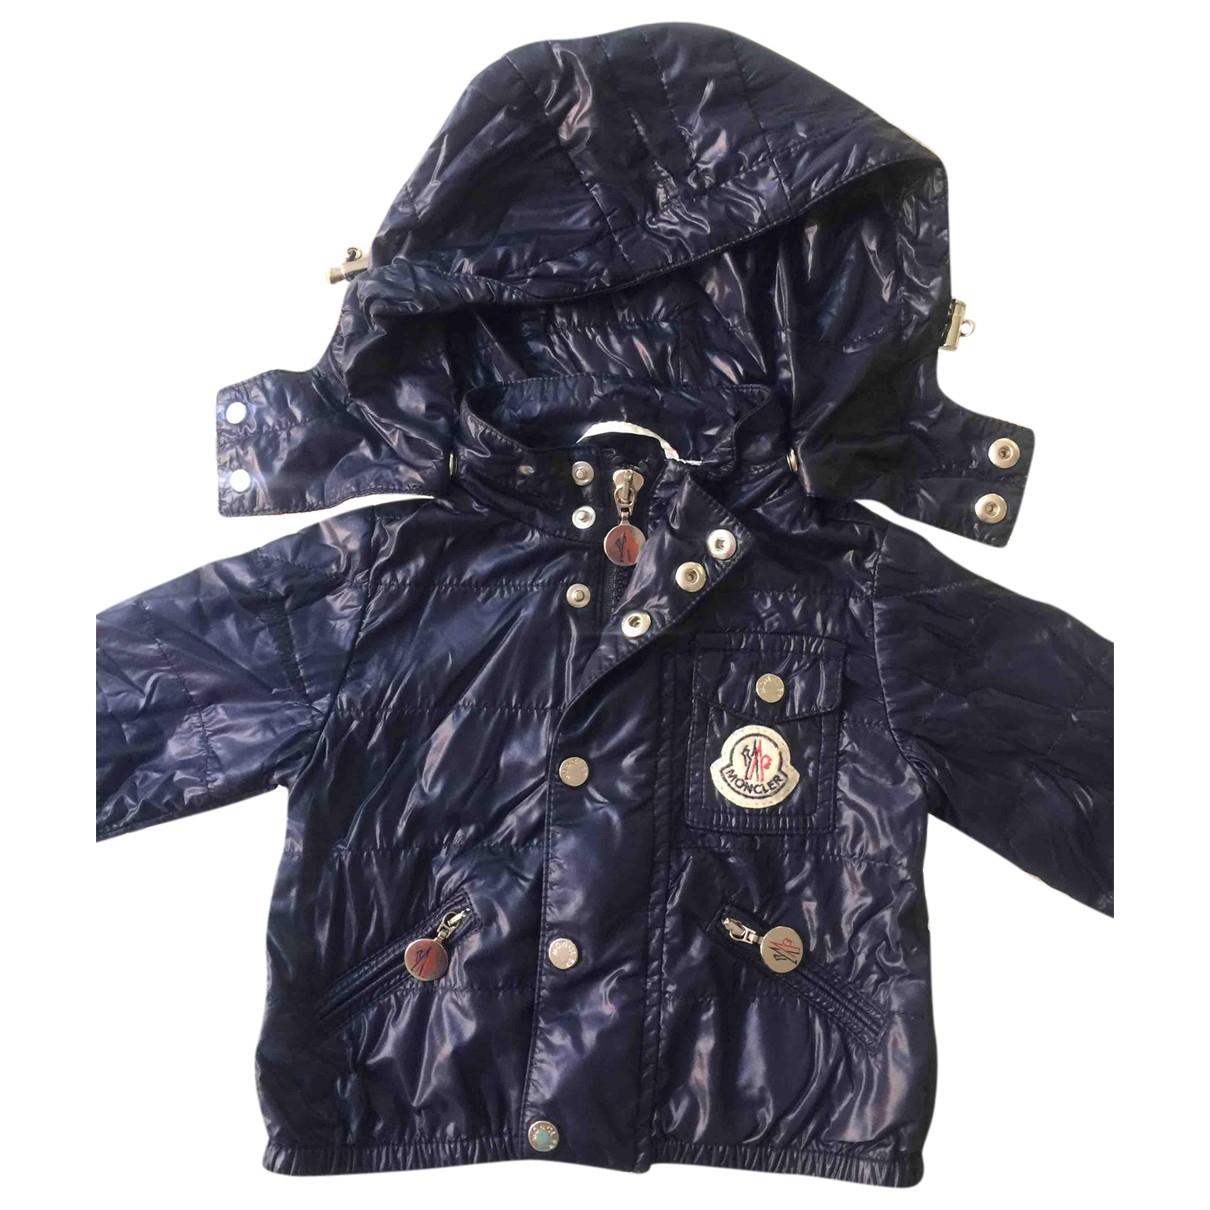 Moncler - Blousons.Manteaux Hood pour enfant - bleu